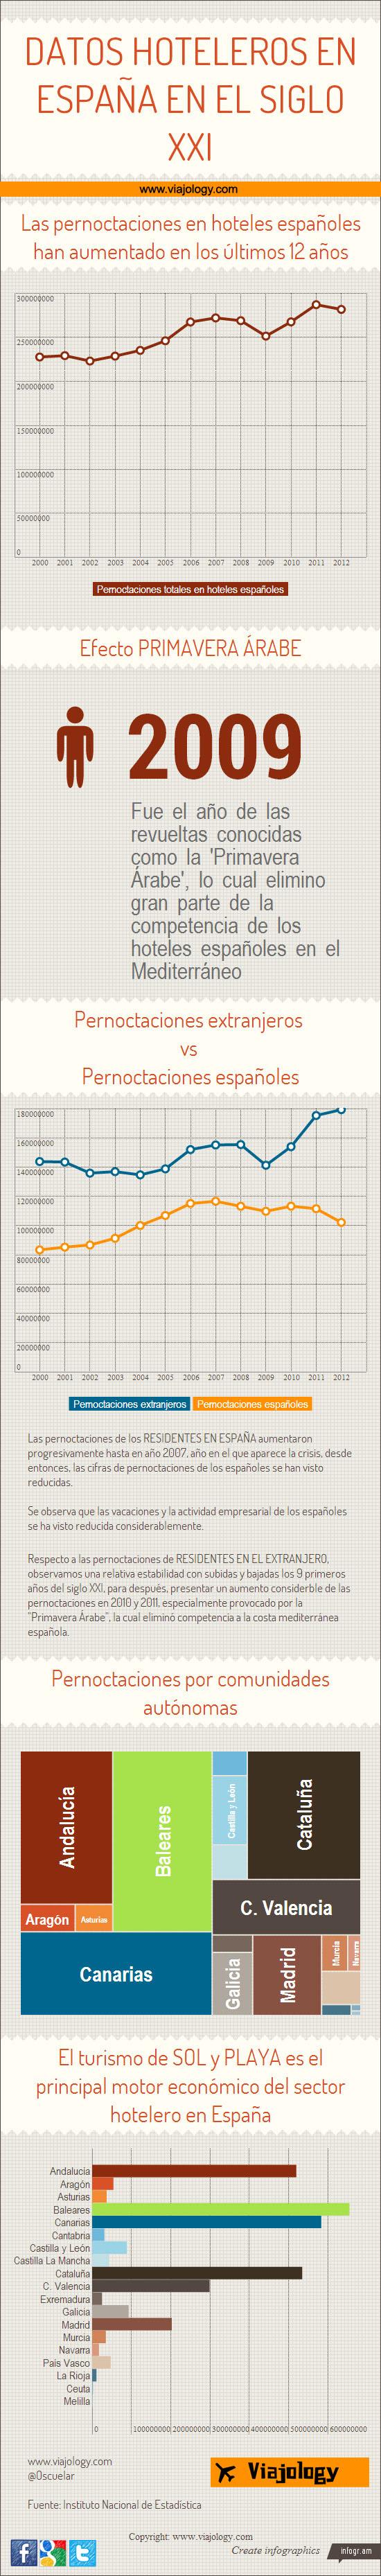 Datos hoteleros España en el siglo XXI #infografia #infographic #tourism